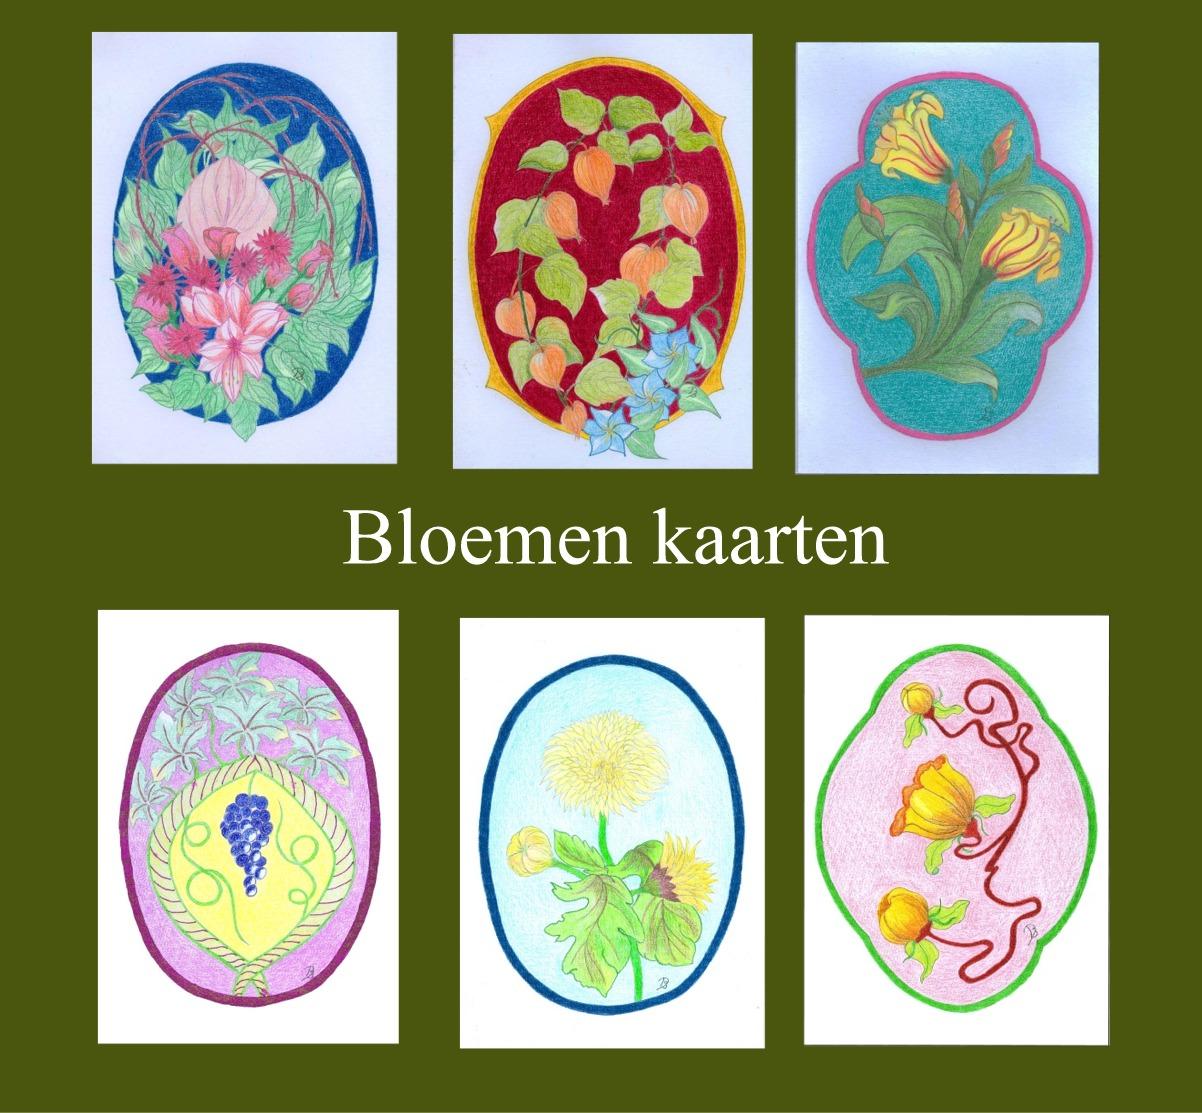 bloemen kaarten